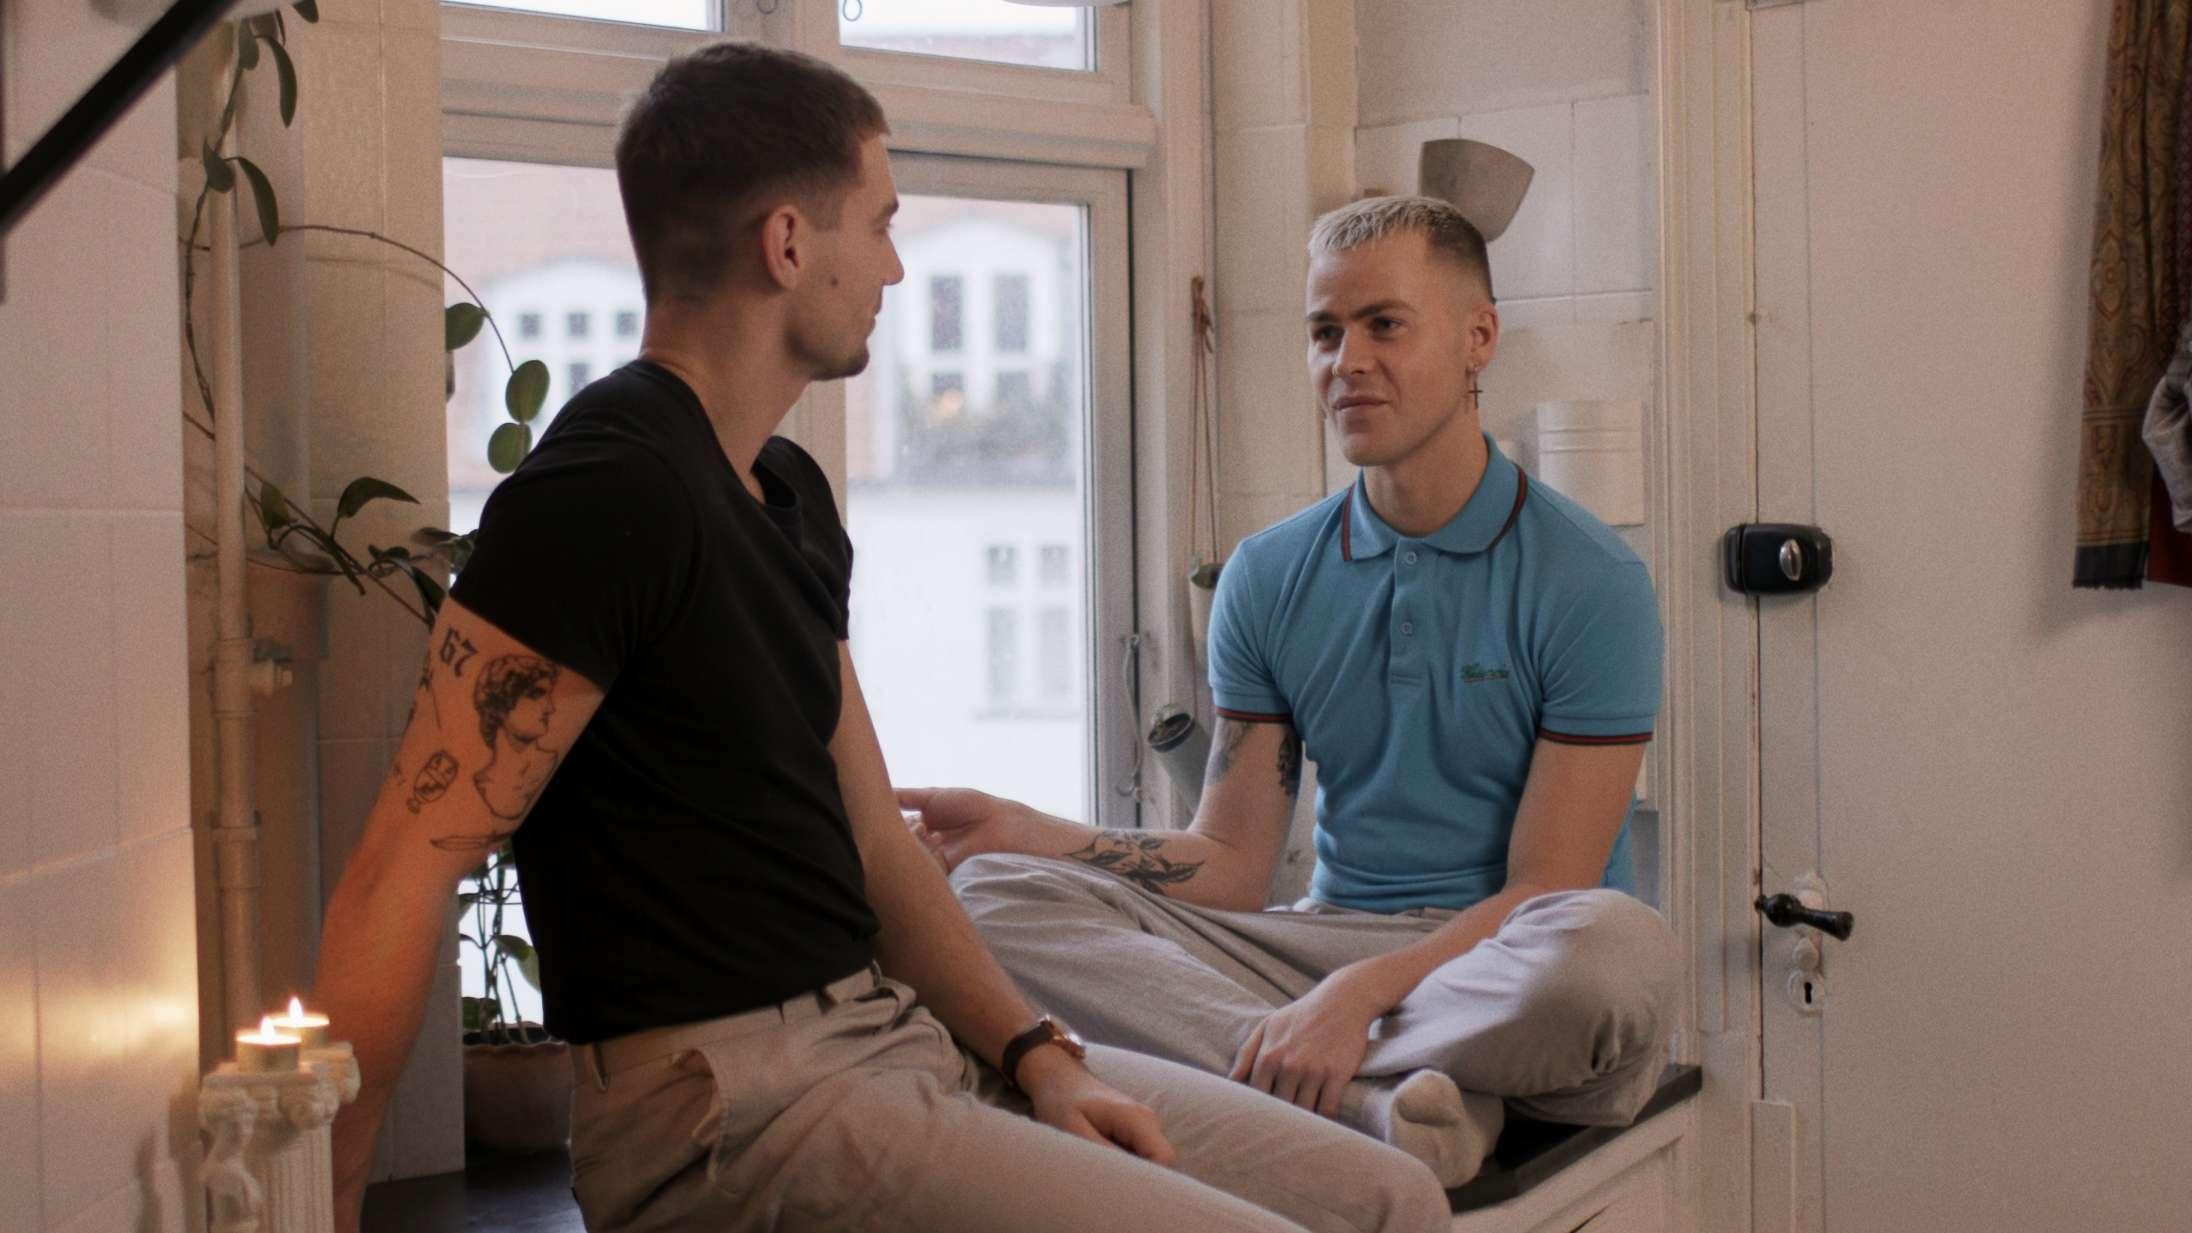 'Elsker, elsker ikke': Danske unge krænger kærlighedssorgerne ud i ny dokumentar